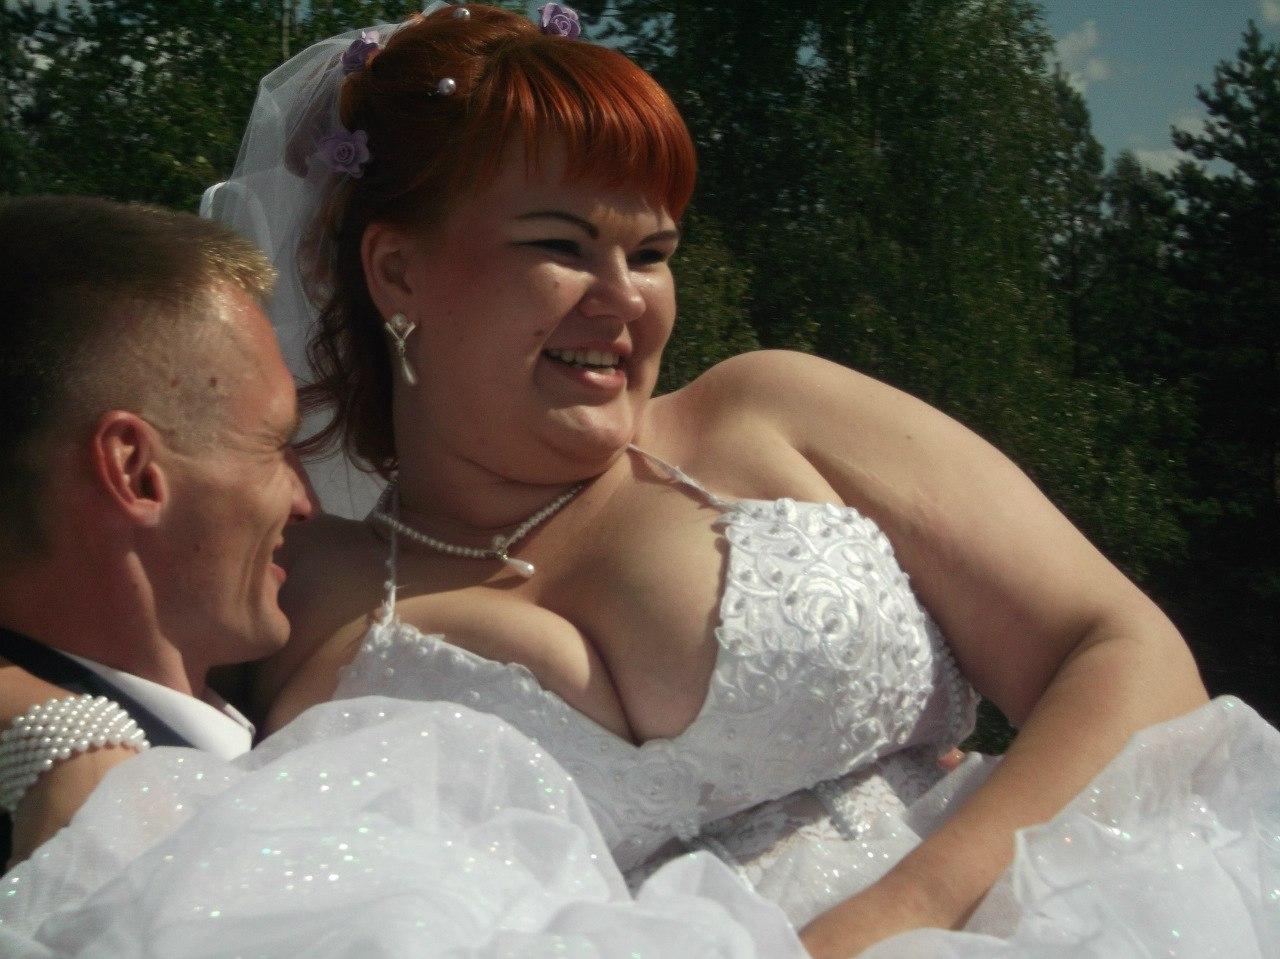 Русские свадьбы подсмотренное, Подглядывание за молодожёнами в спальне 27 фотография